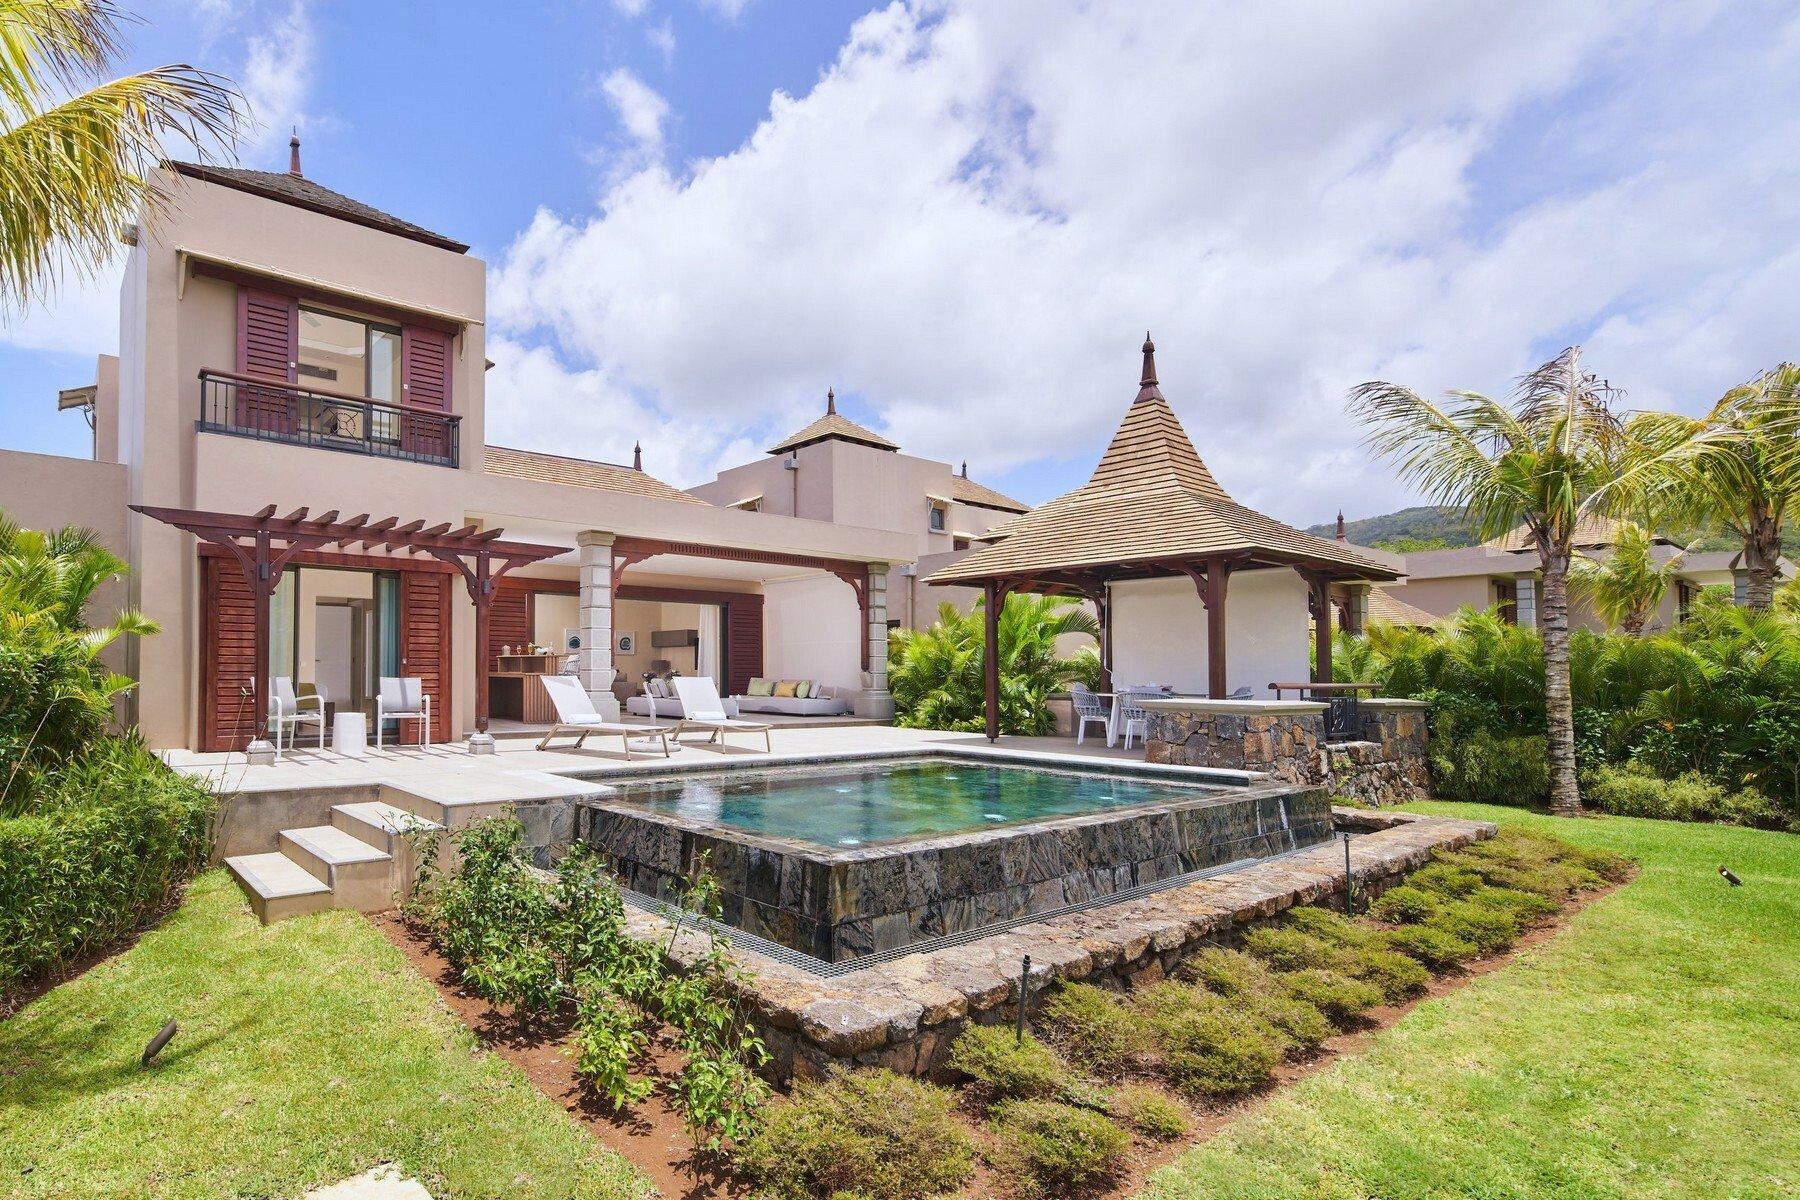 Casa en Bel Ombre, Distrito de Savanne, Mauricio 1 - 11449290